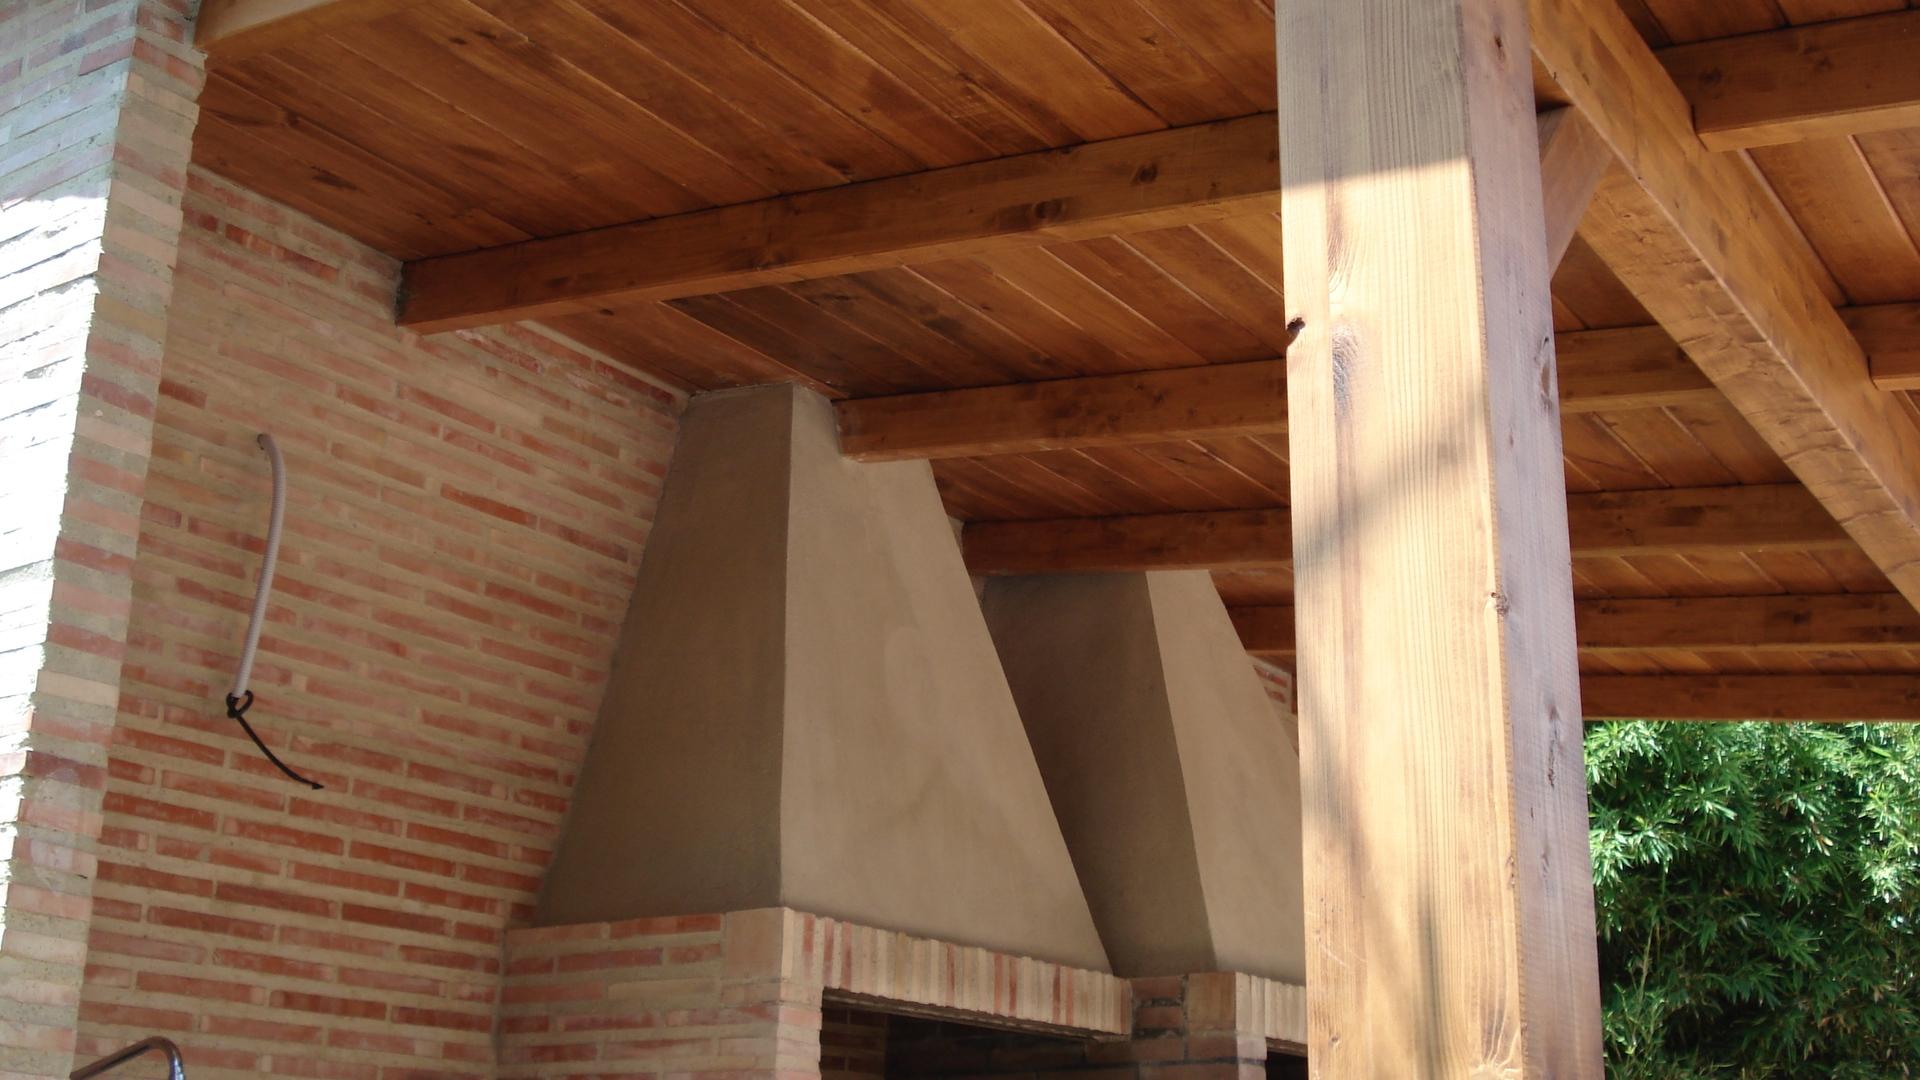 P rgolas de madera adosadas incofusta fabrica de madera - Forrar pared de madera ...